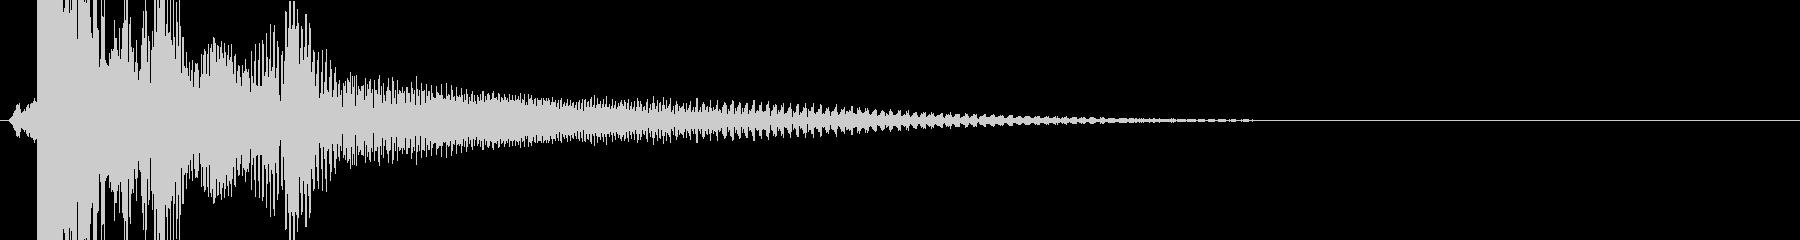 KANT 巨大ロボット系機械の足音3の未再生の波形